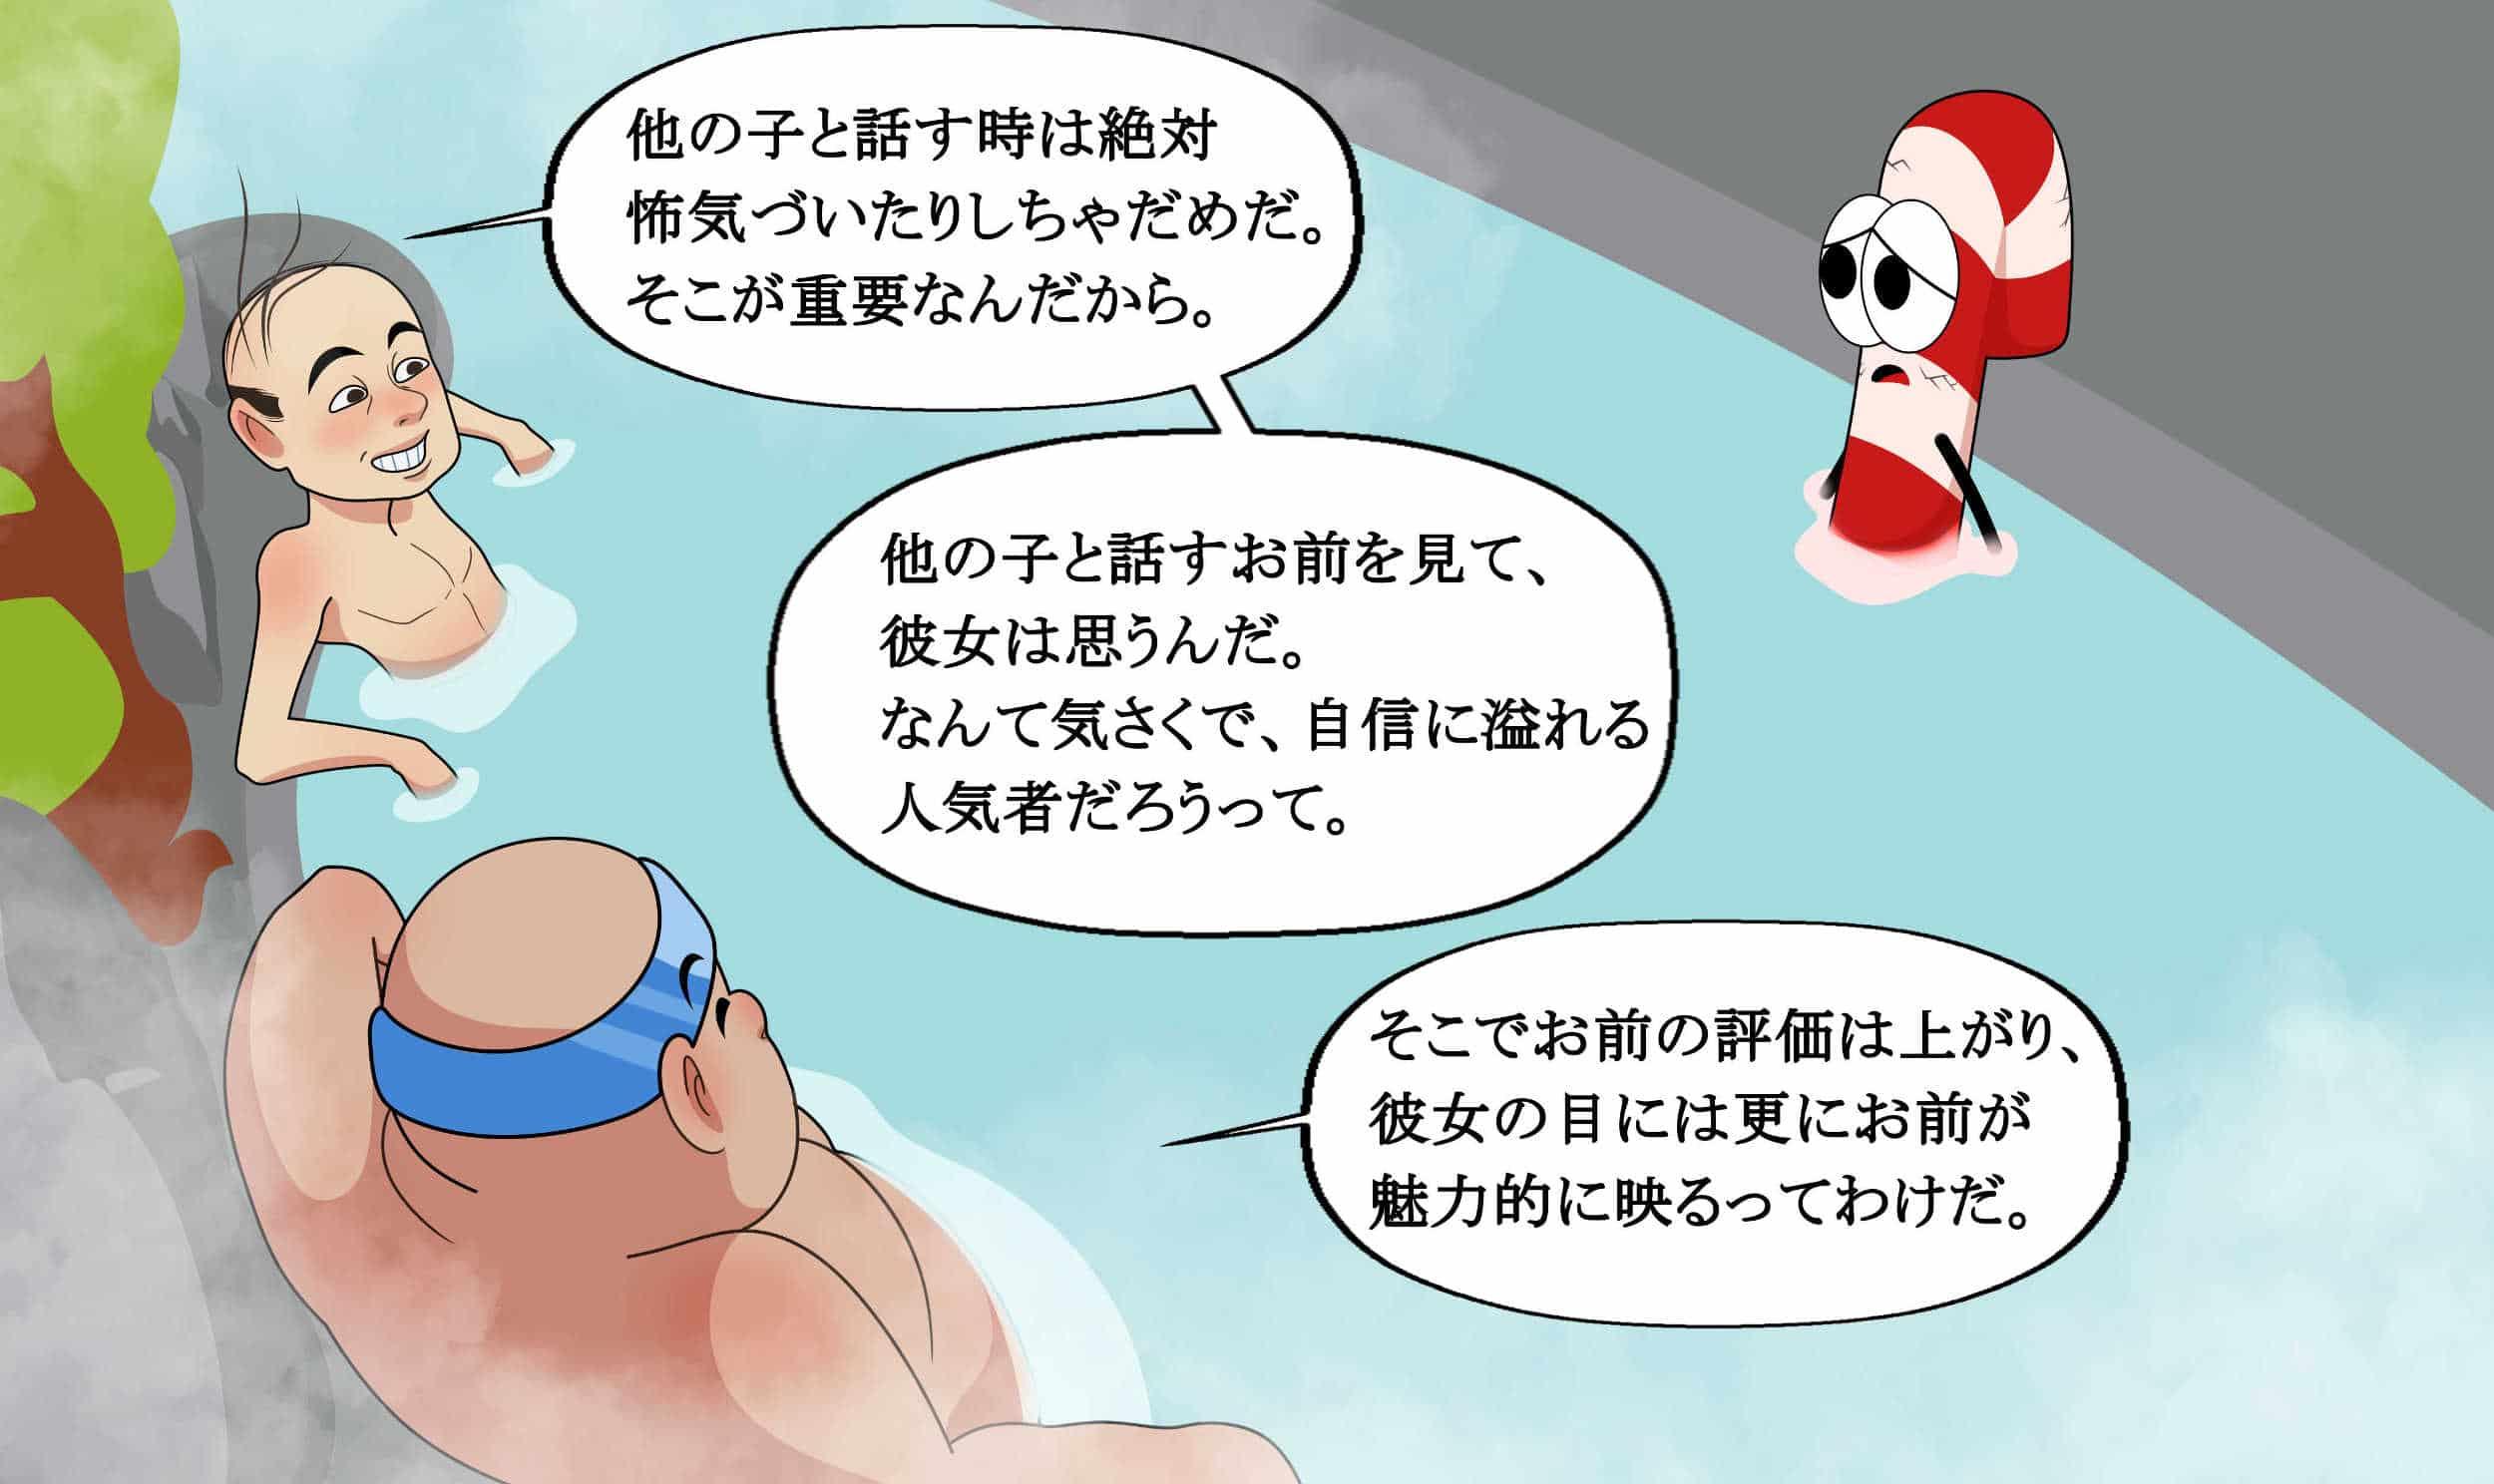 Onsen_56a-min.jpg